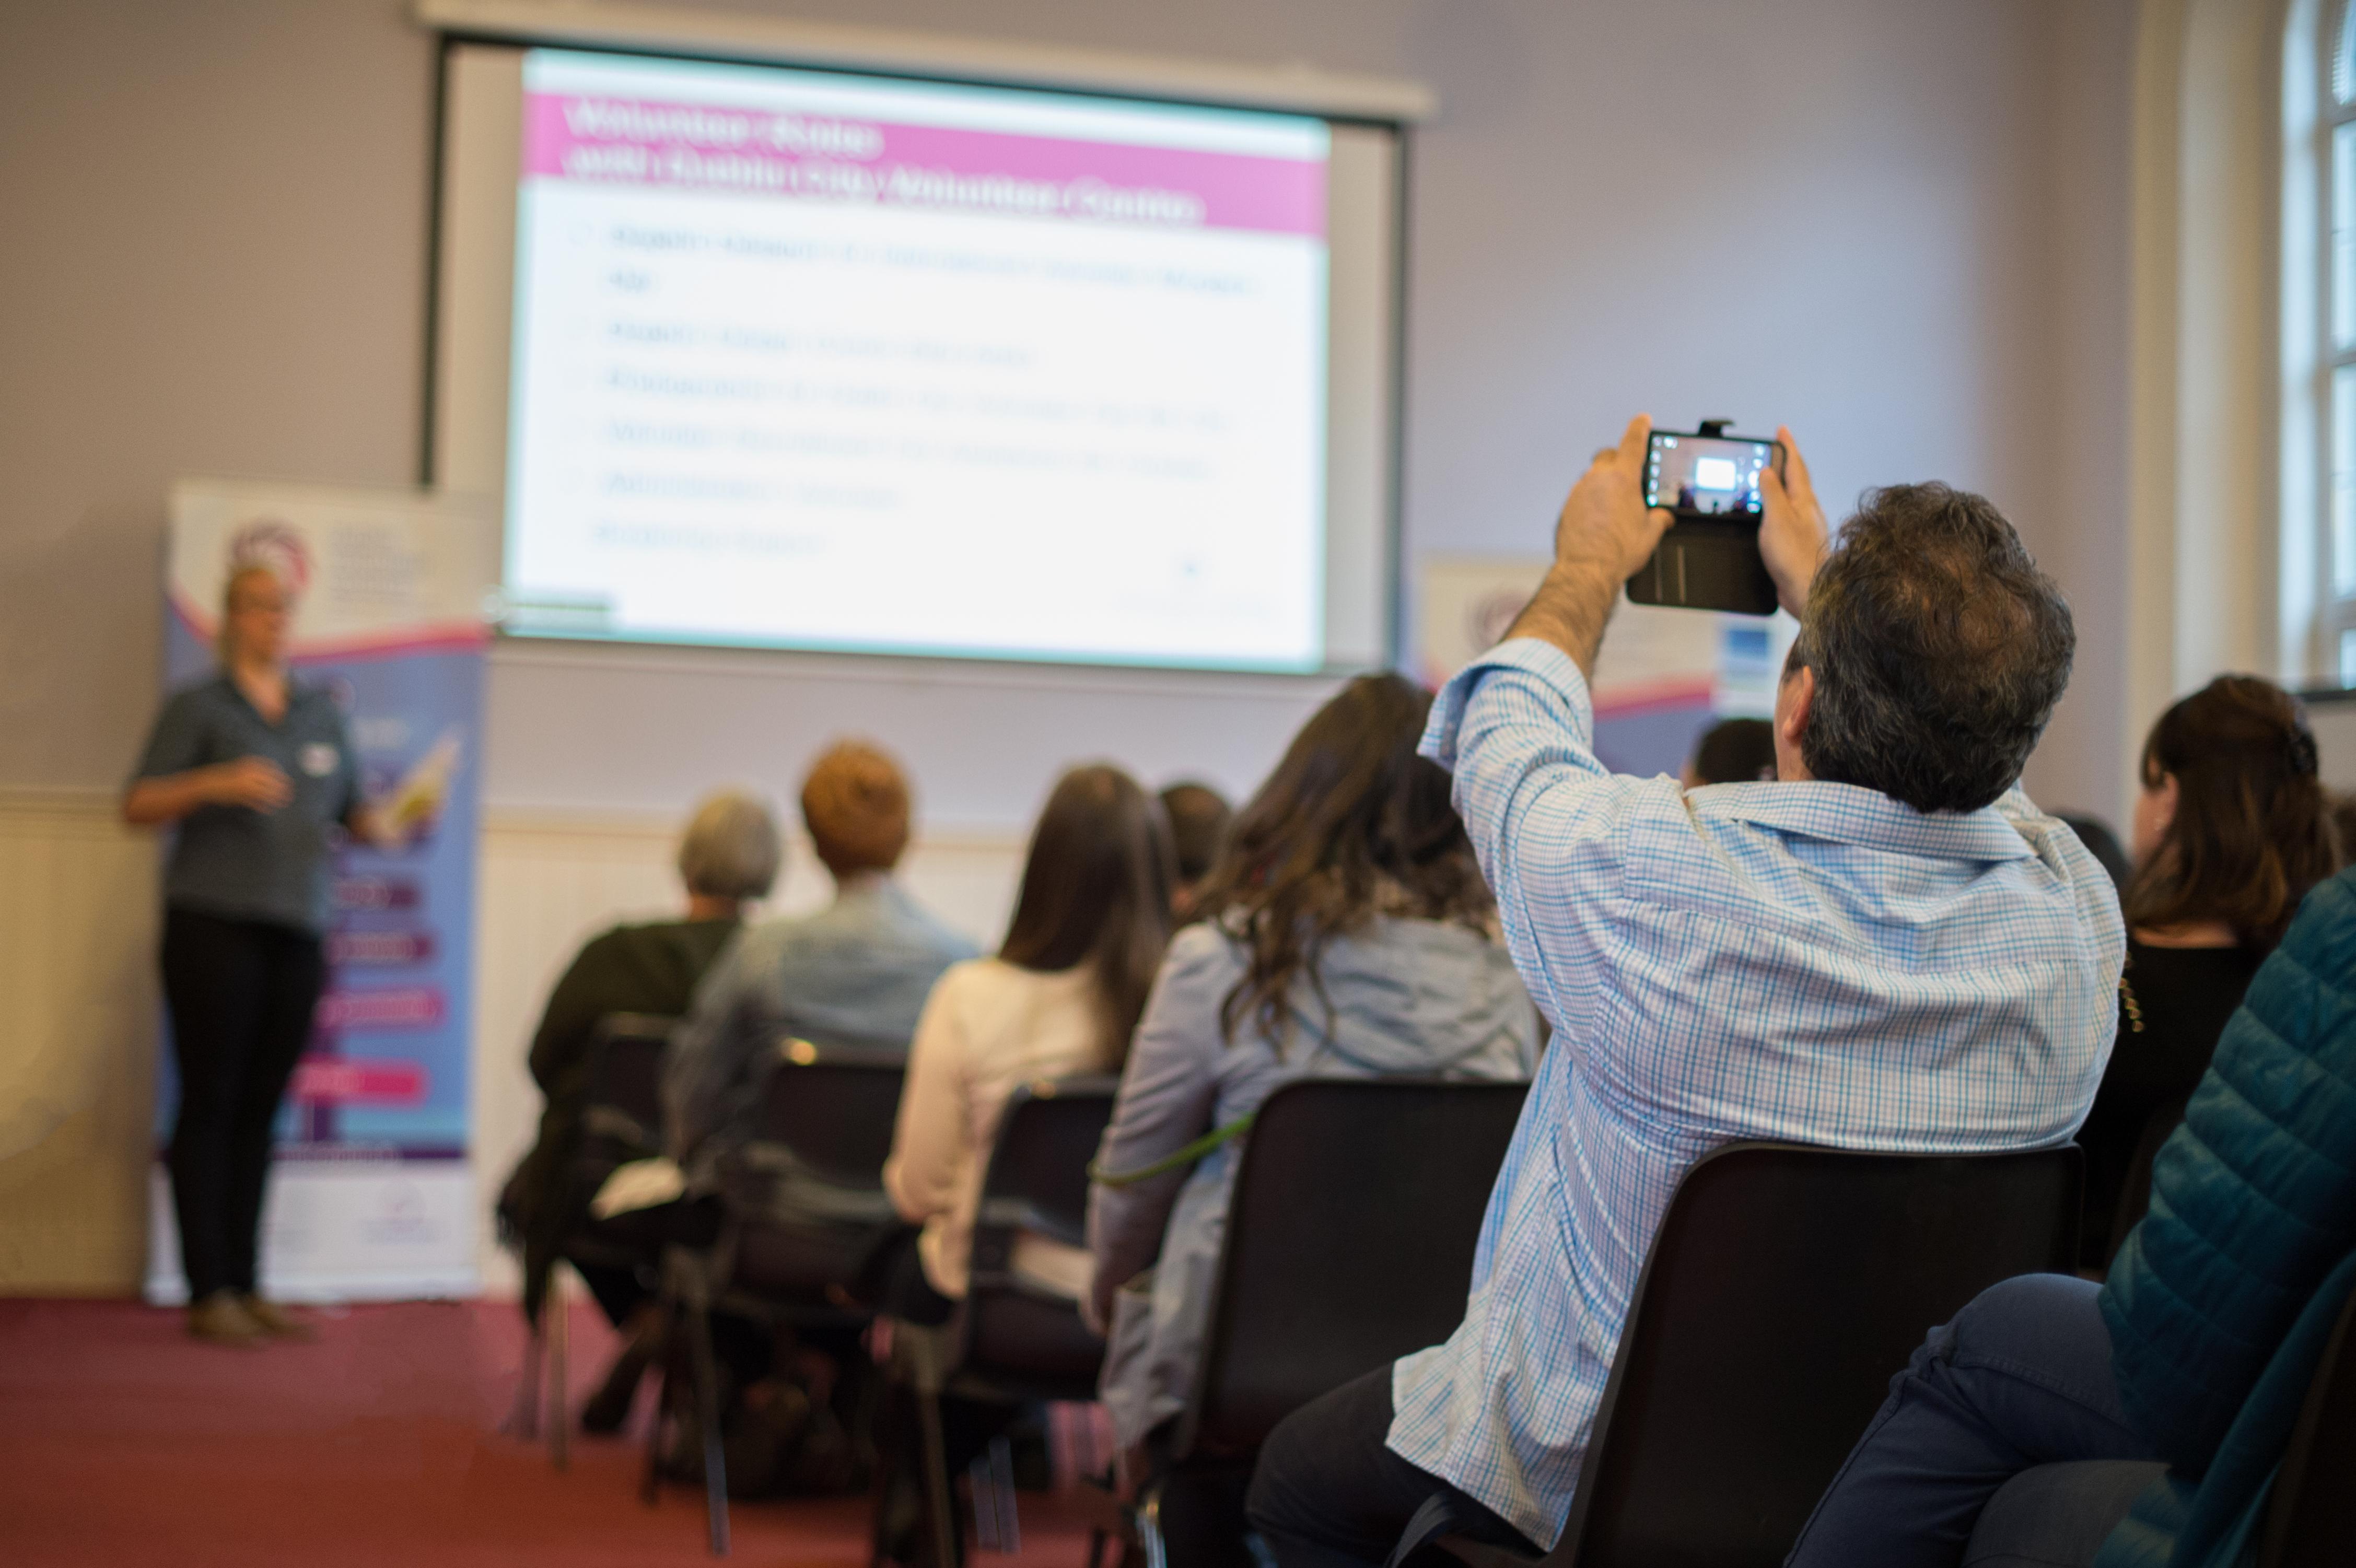 dublin-city-volunteer-information-evening